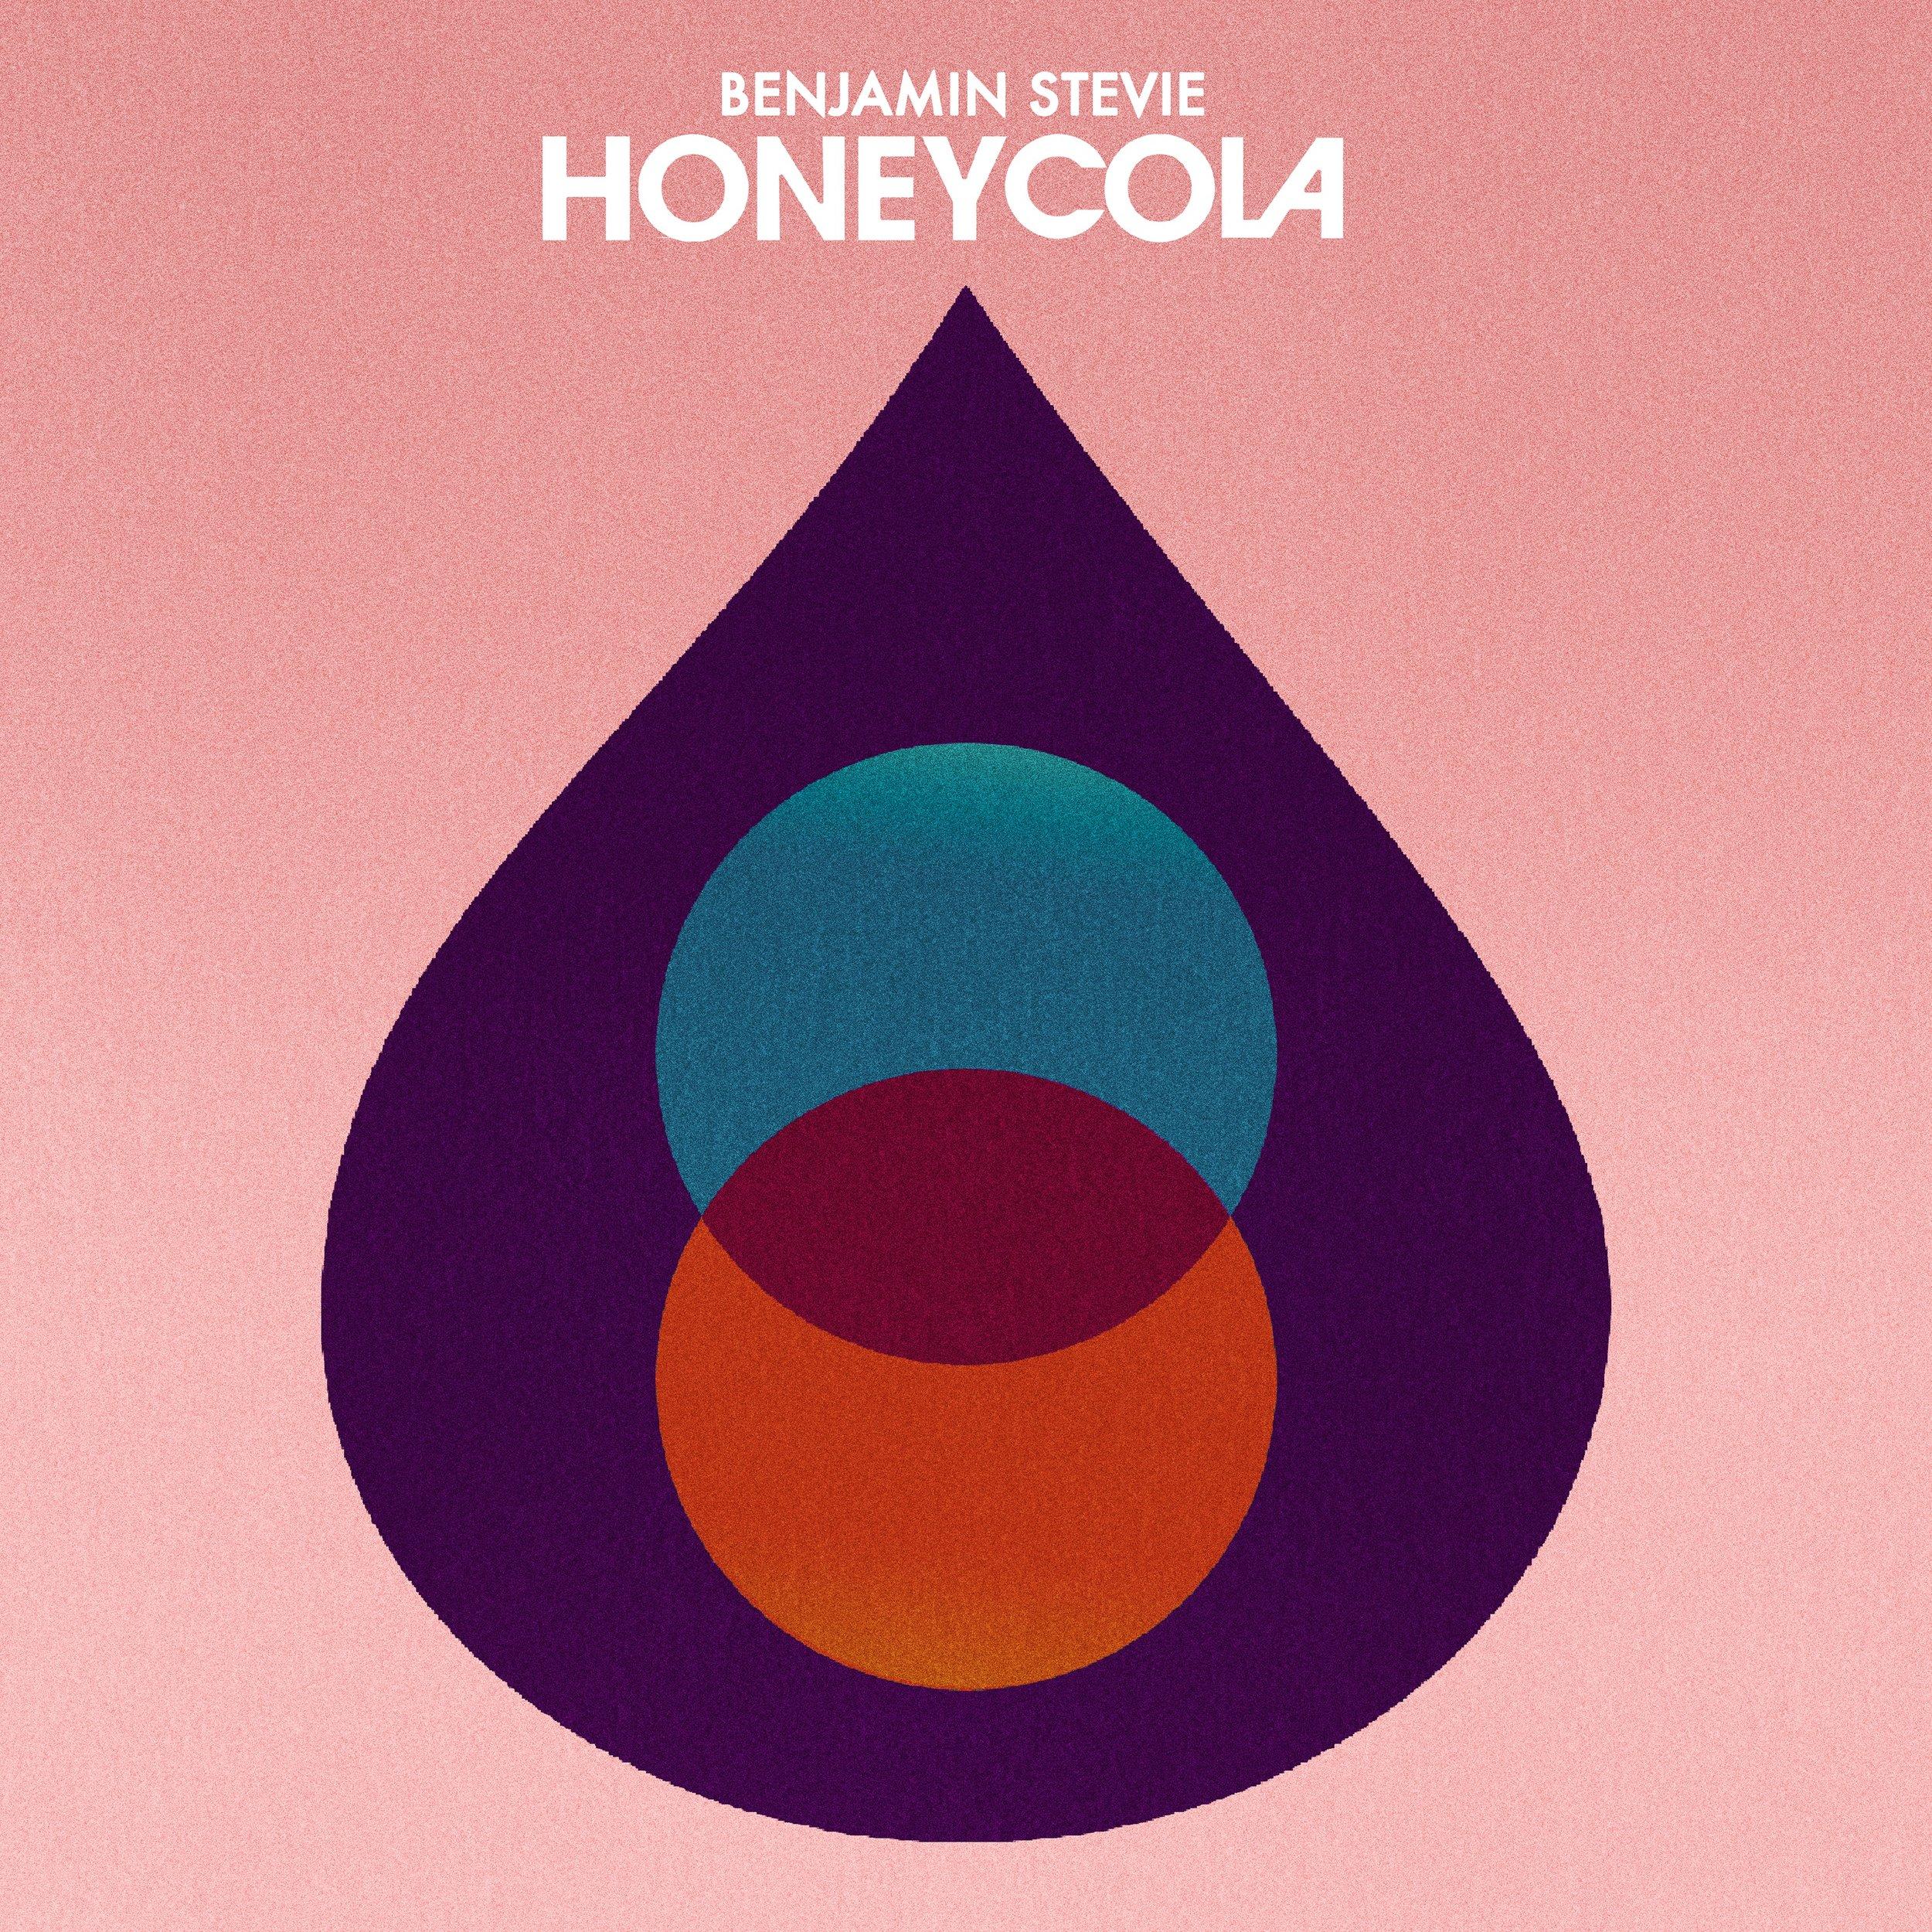 Benjamin Stevie - Honey Cola 3000x3000-400dpi.jpg